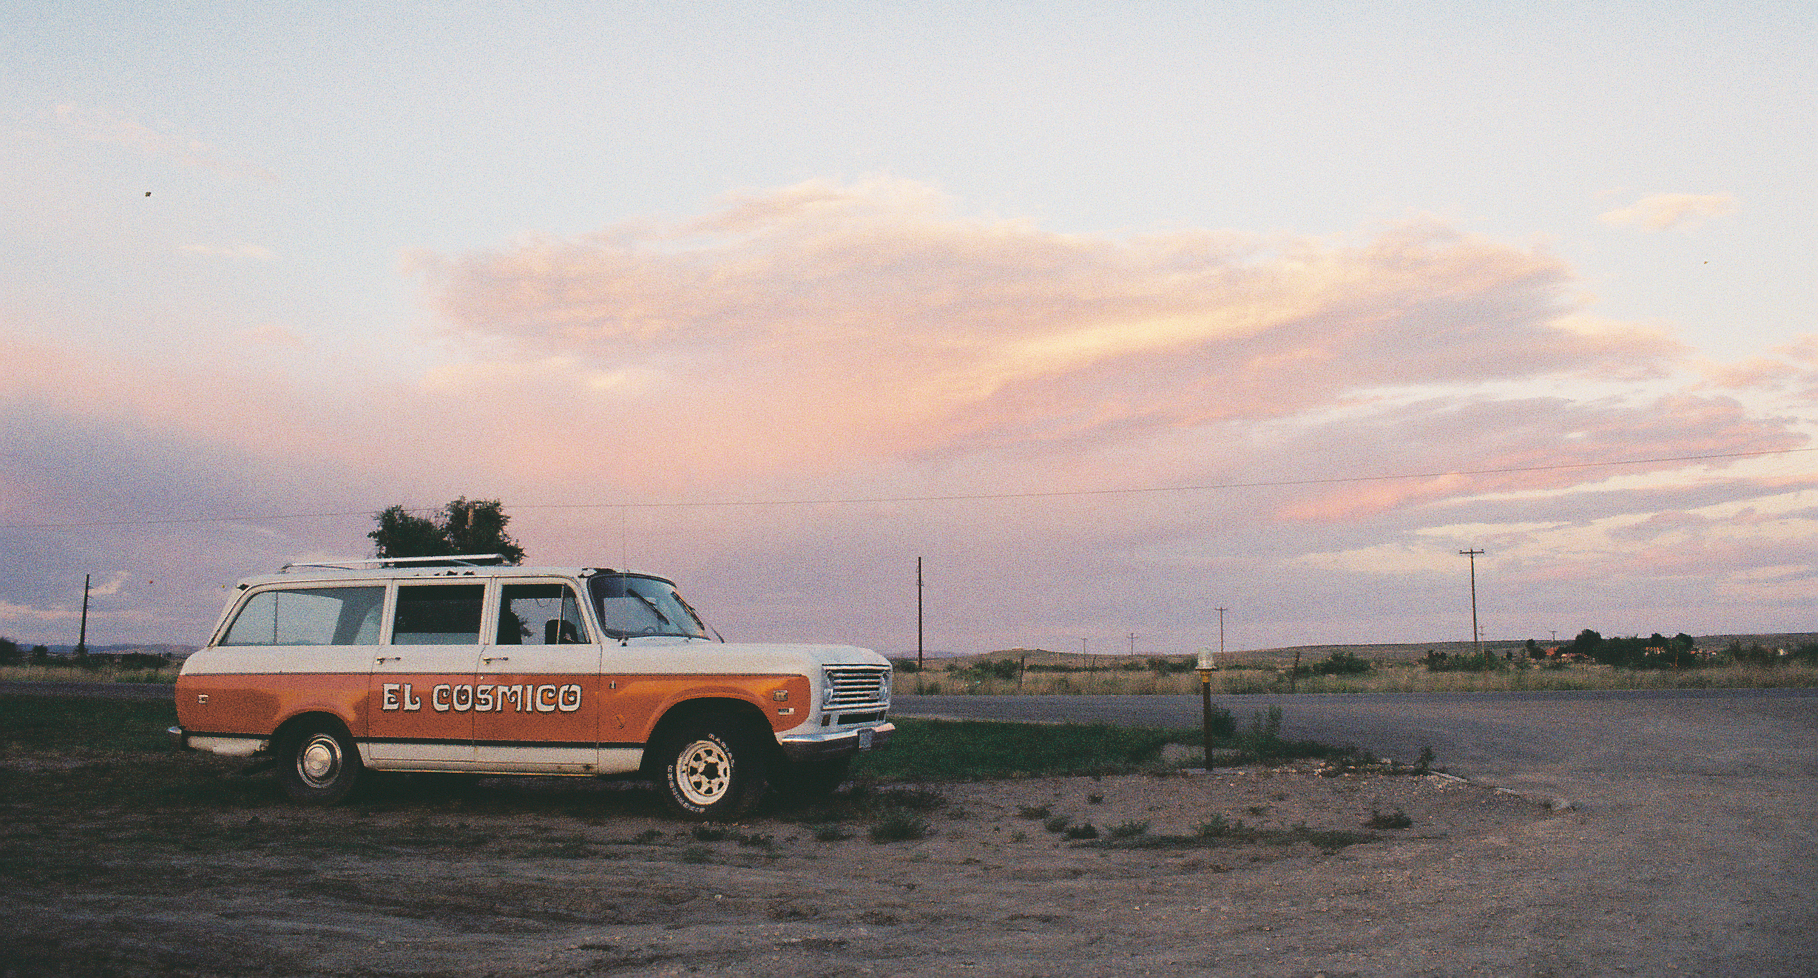 04-truck02-sunset.jpg